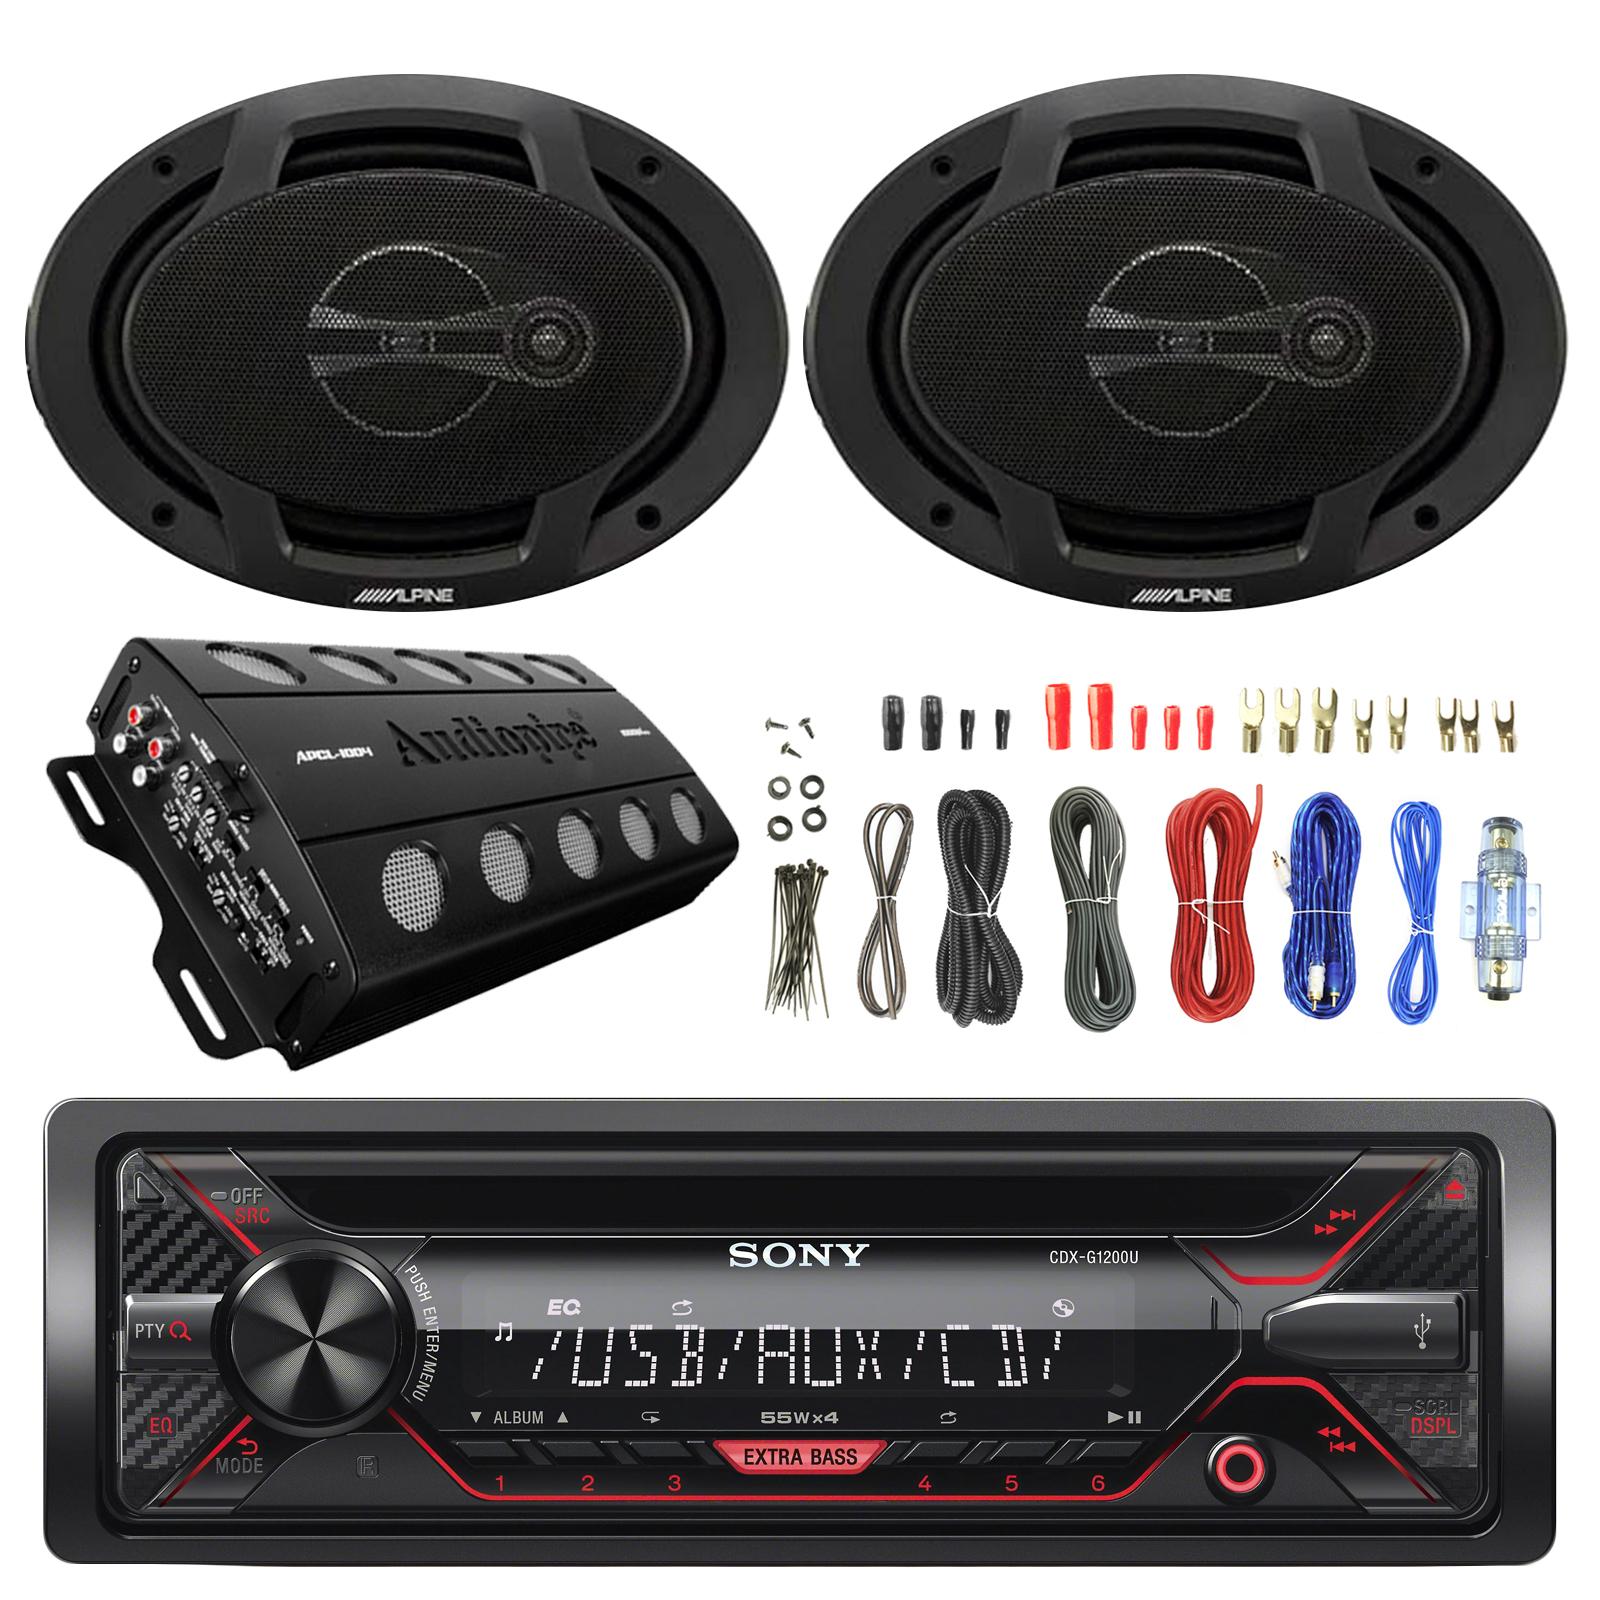 Sony CDX-G1200U 55W CD Receiver,2X Alpine SPJ-691C3 6 x 9 Inches Coaxial  3-Way Speaker, Audiopipe 1000 Max Watt 4 Channel Amplifier, Enrock 8 Gauge